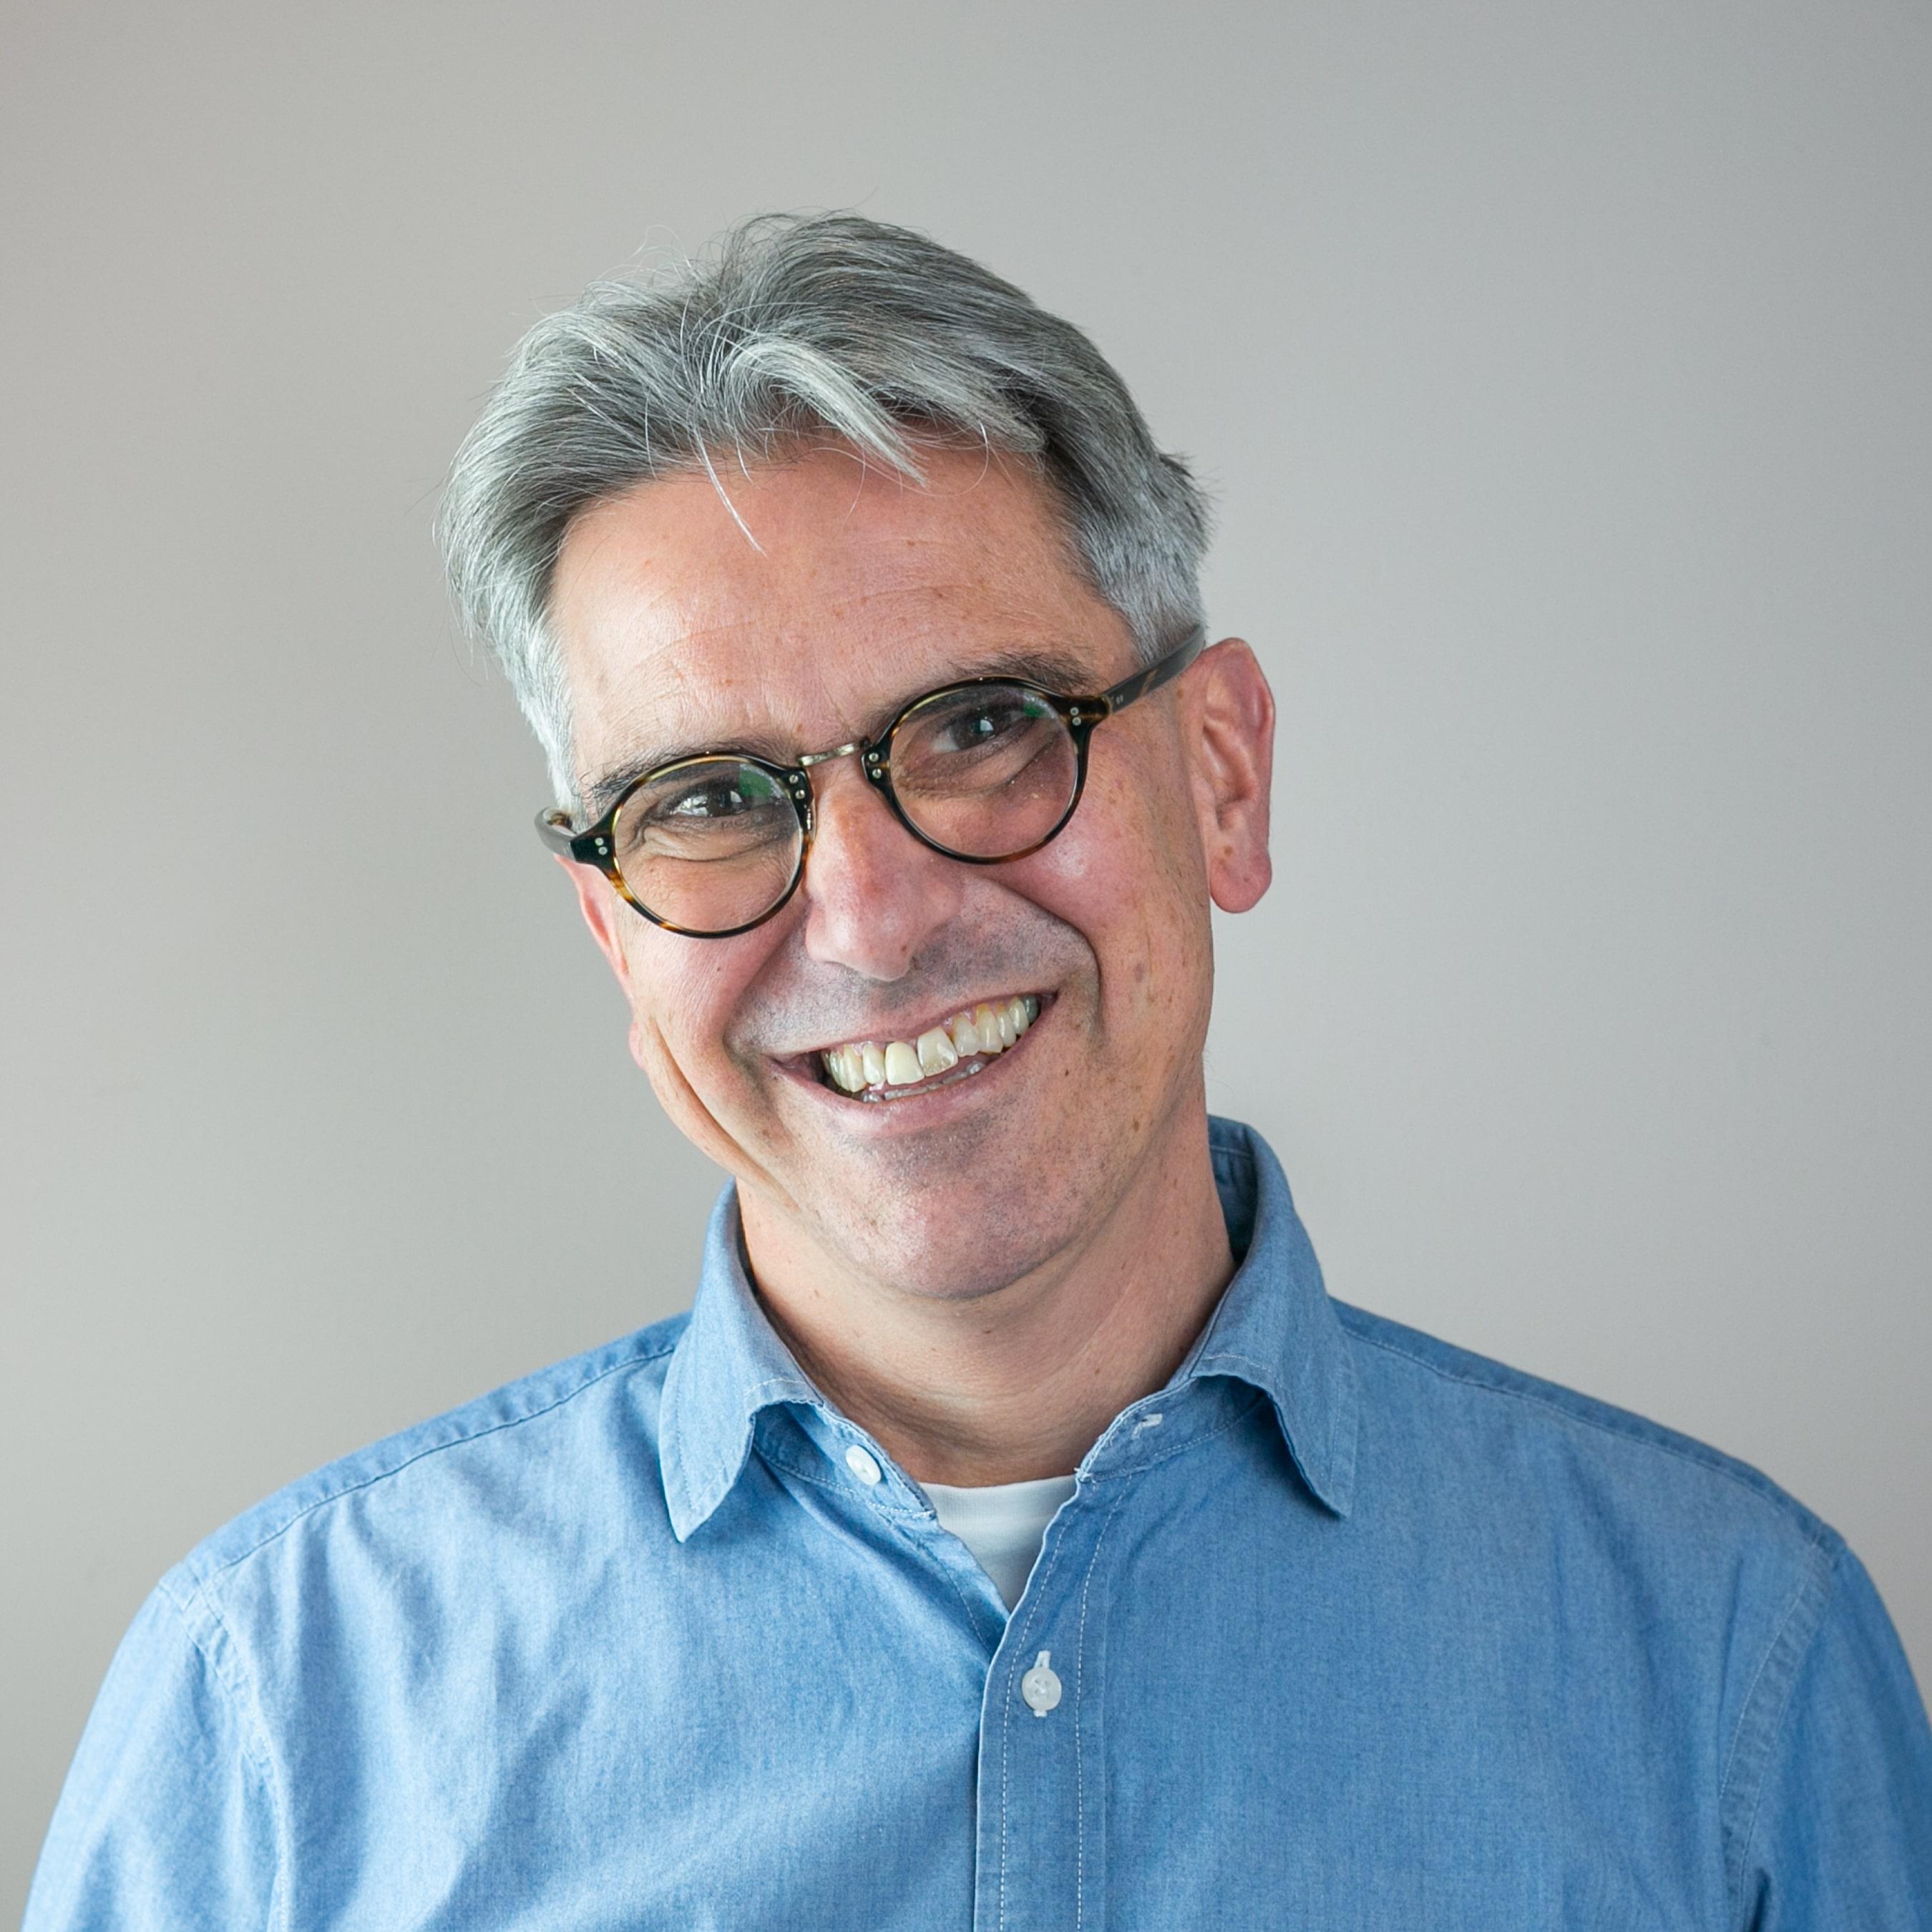 Ian Guiver